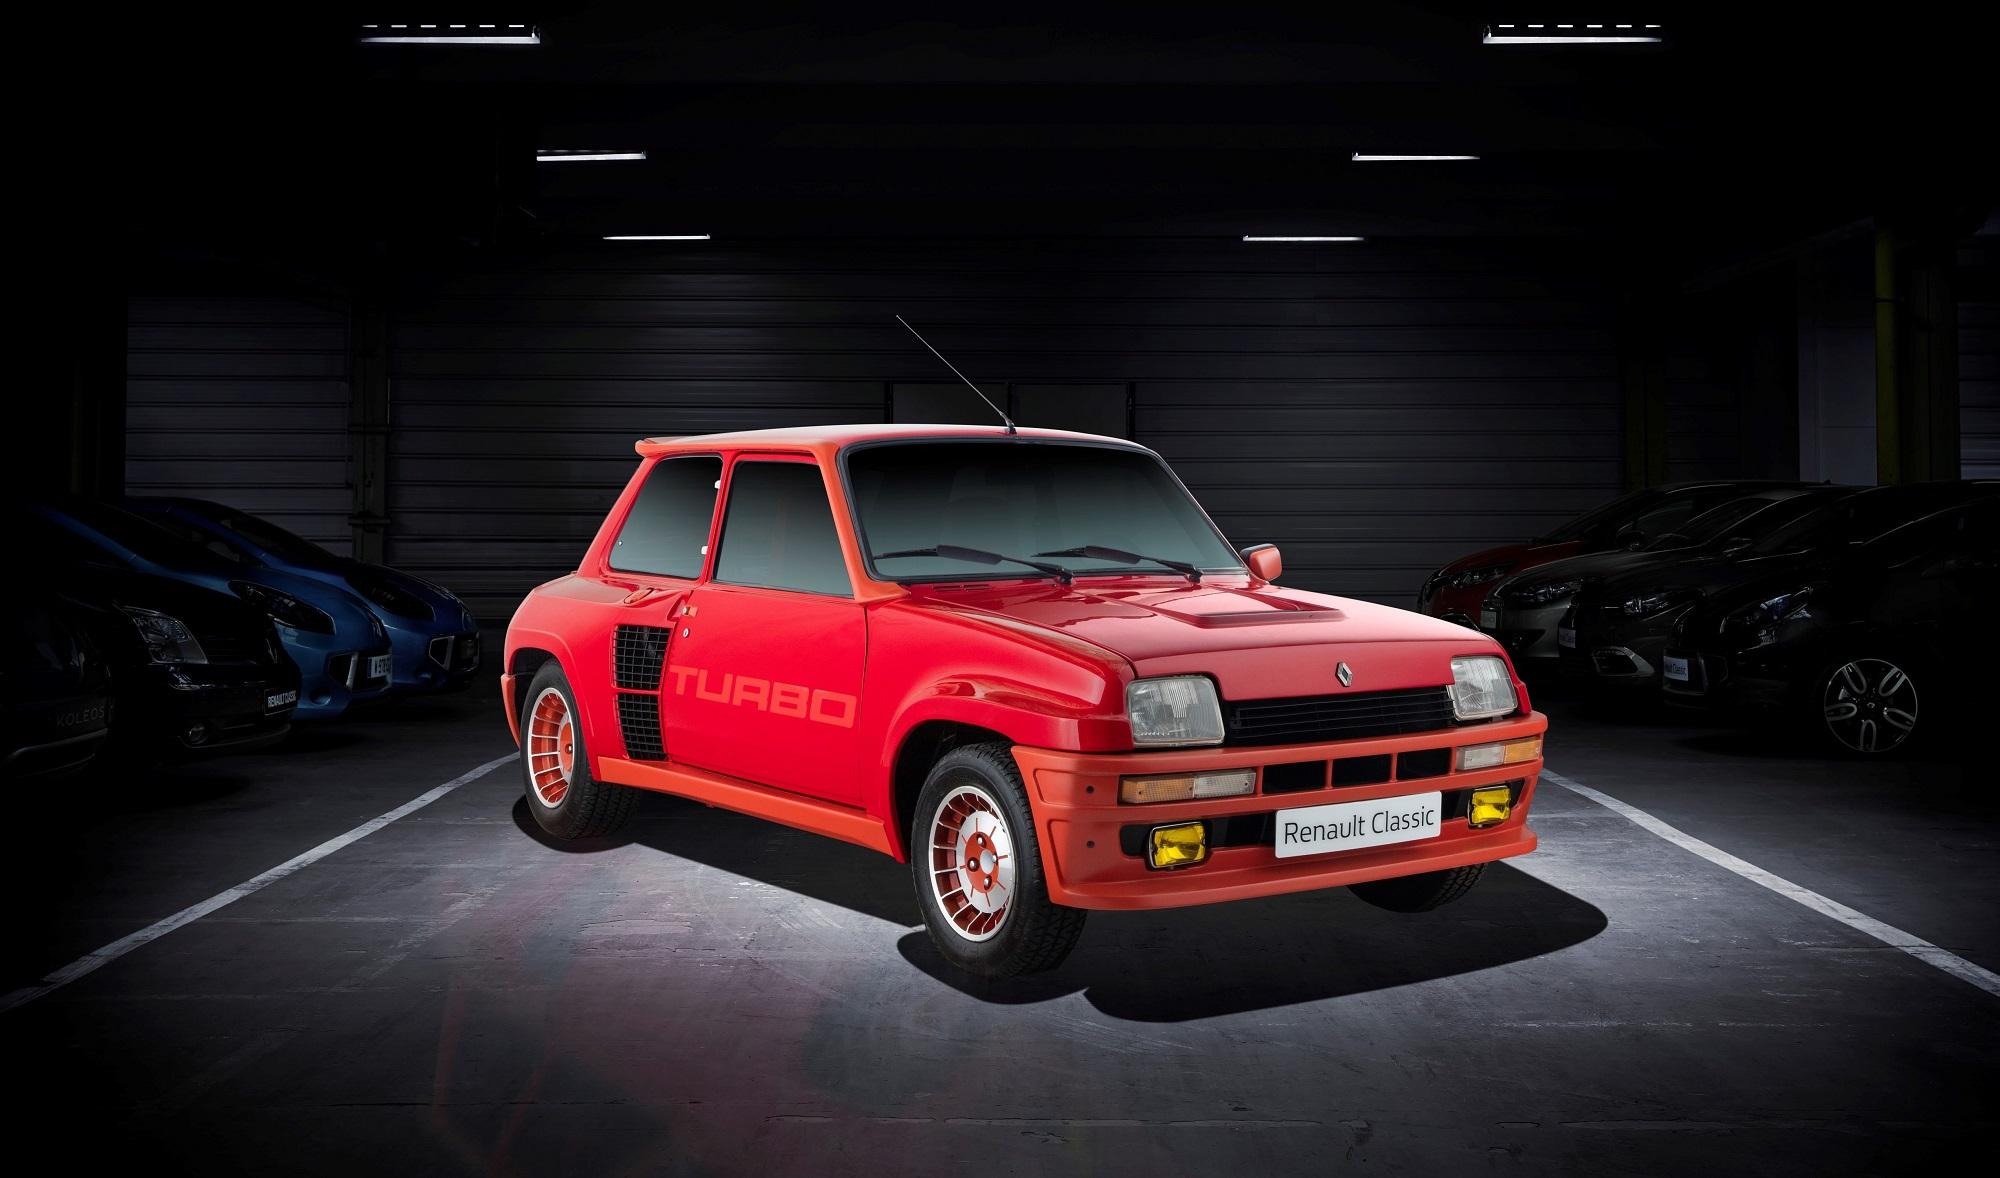 Renault 5 Turbo: Jeho malý motor aj po 40 rokoch vyniká výkonom